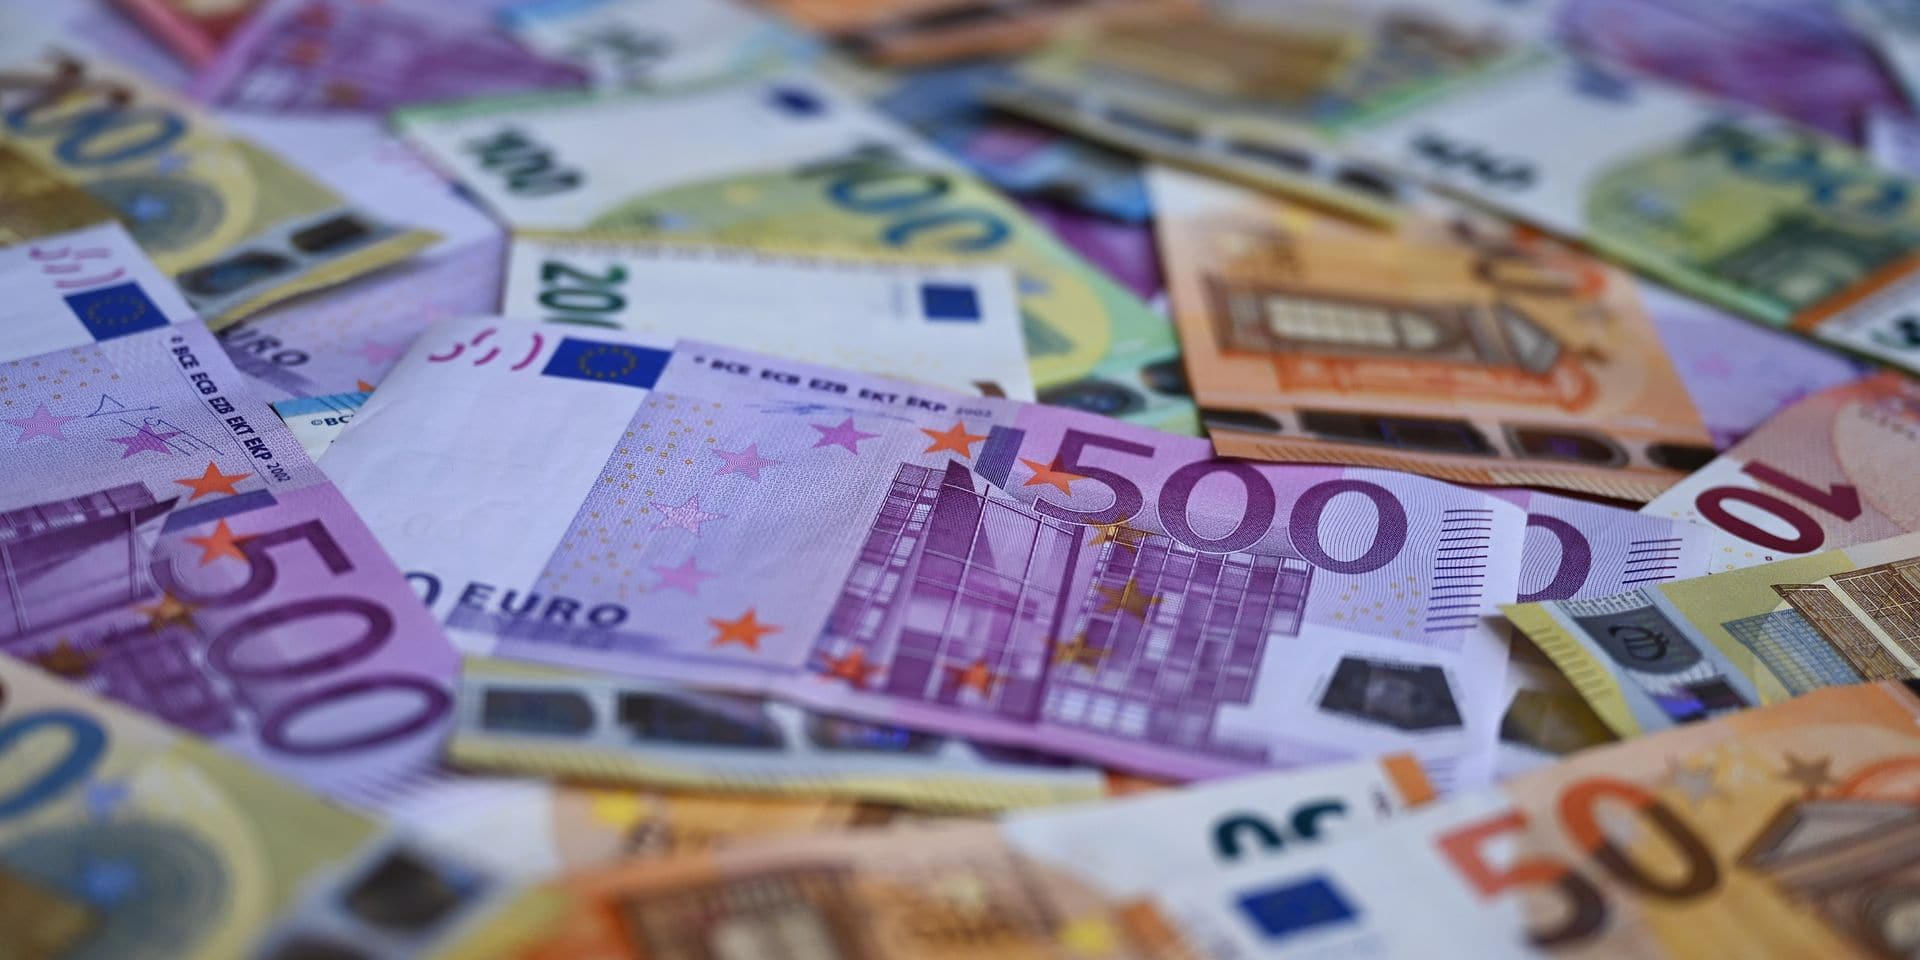 """""""La dette publique de la Belgique a bondi à 114,1 % du PIB, du jamais vu depuis plus de 20 ans"""": le rapport sans équivoque de l'Institut des comptes nationaux"""